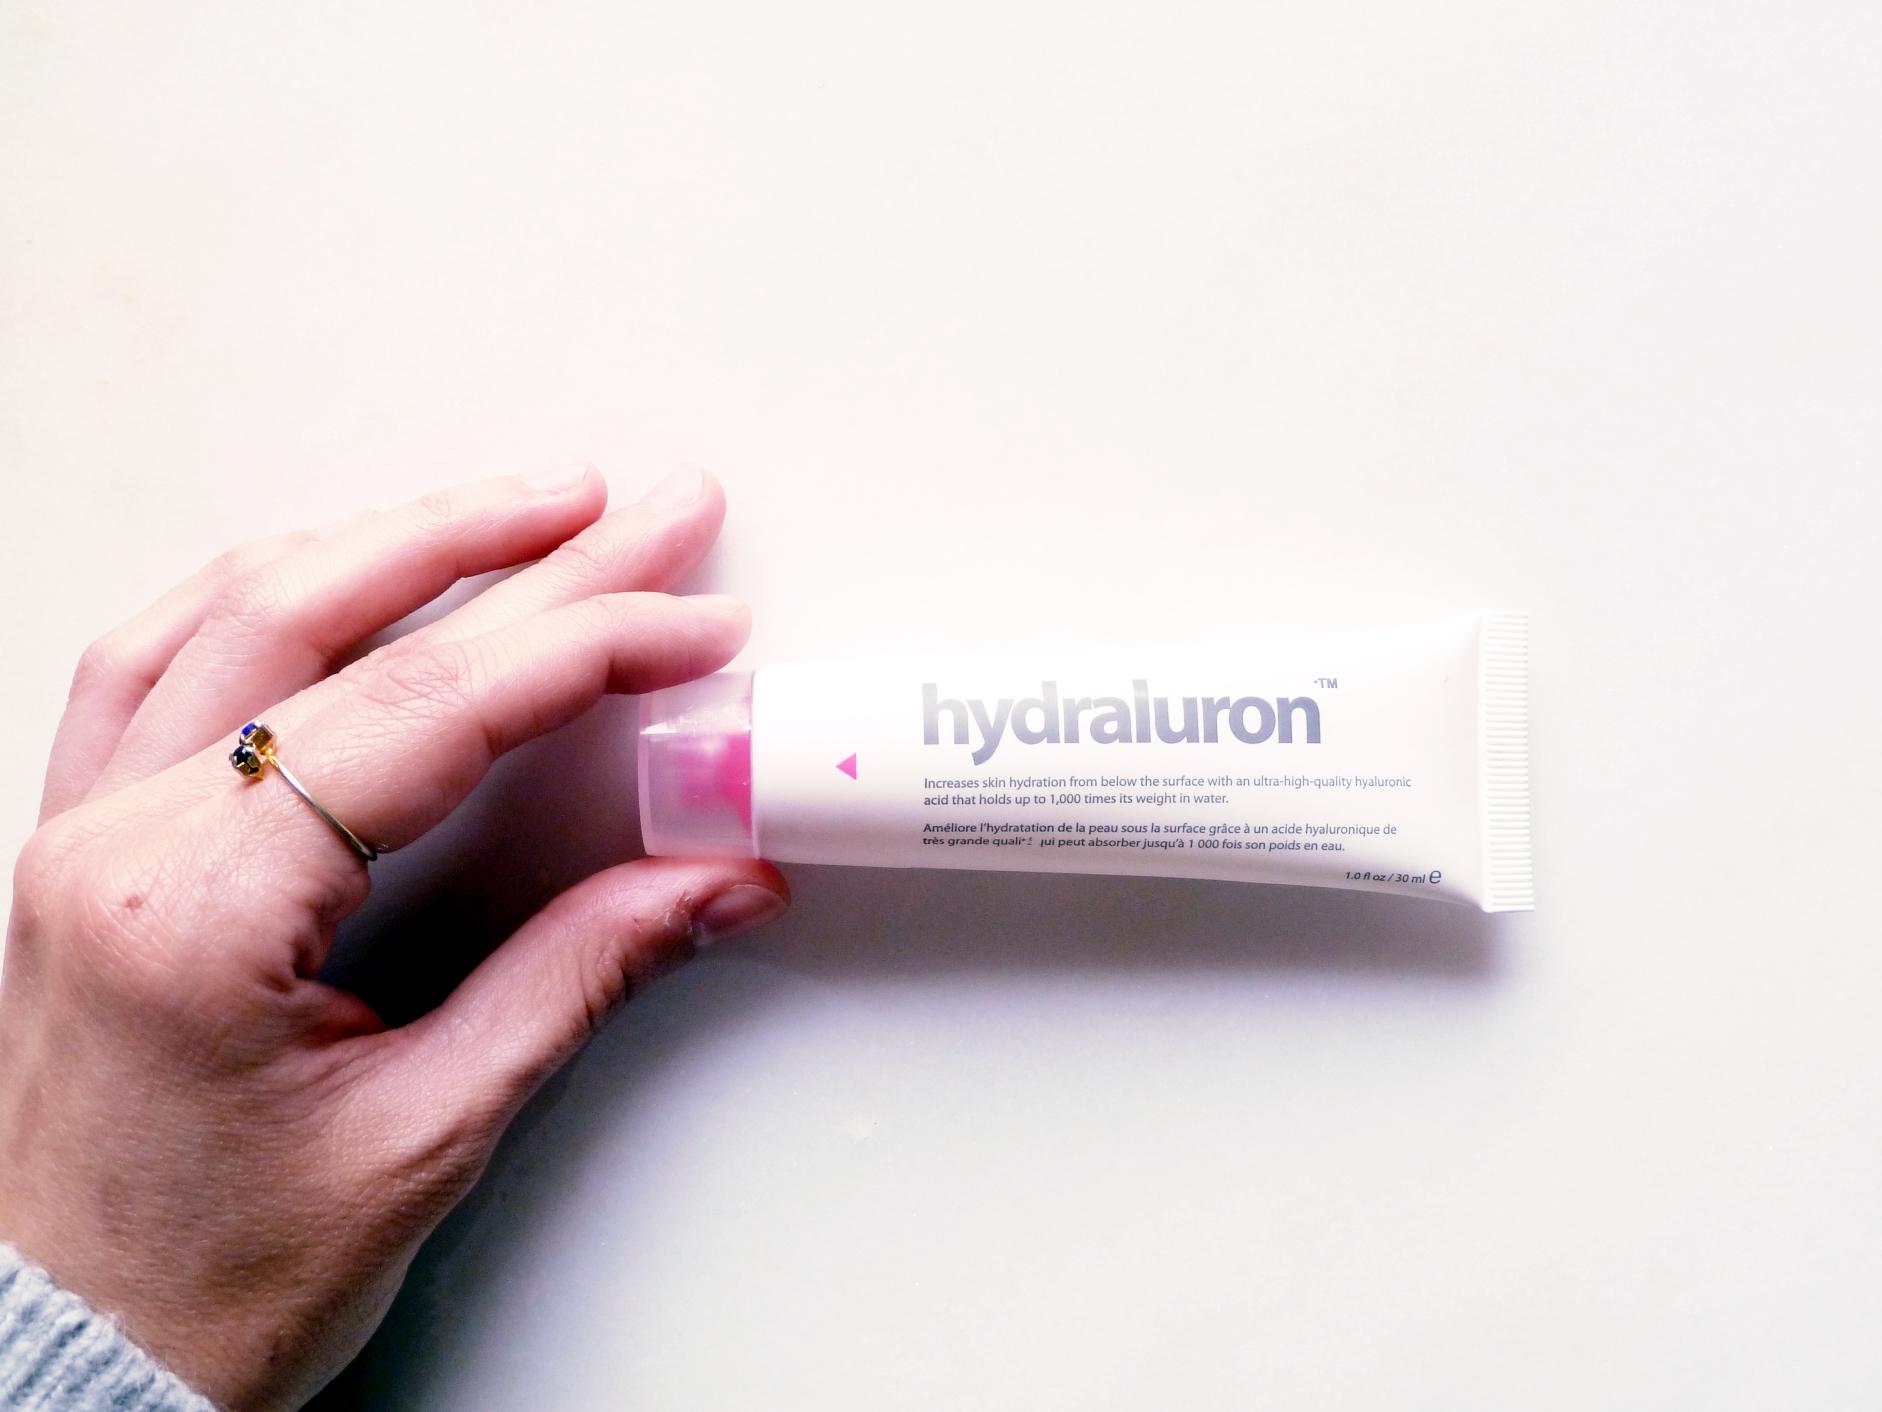 hydraluron-.jpg